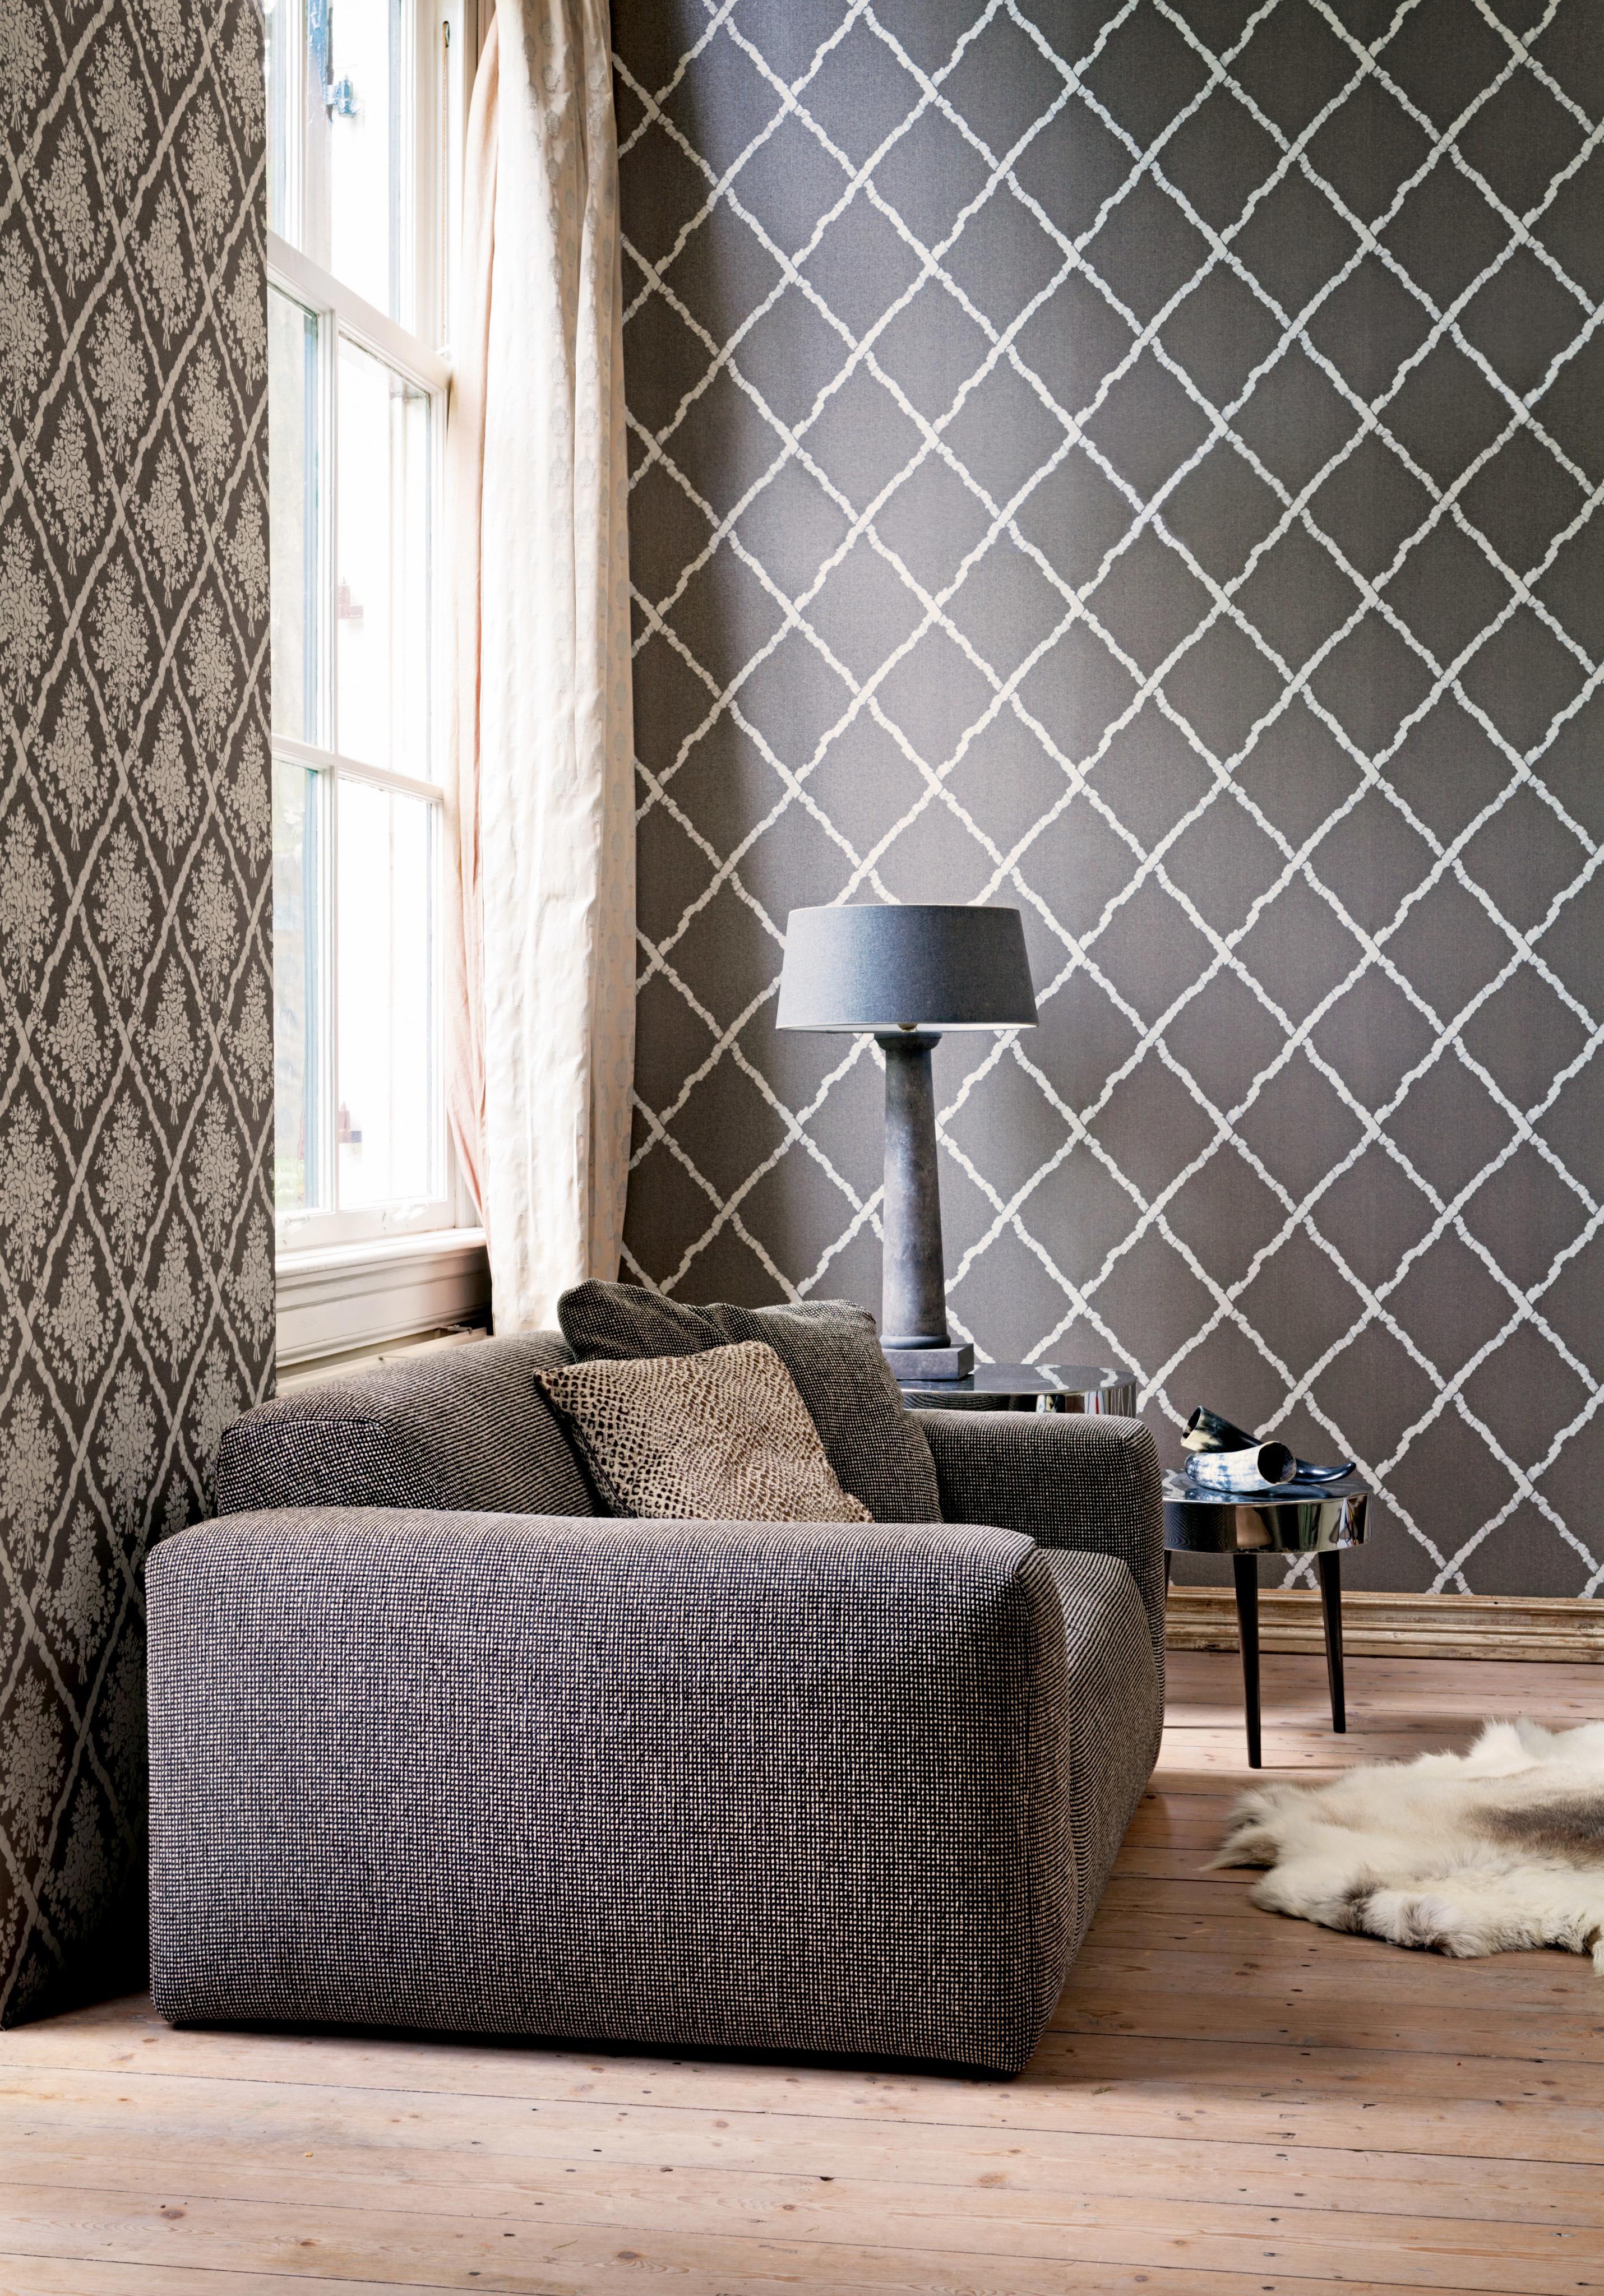 Gestreifte Tapete Bilder Ideen Couch